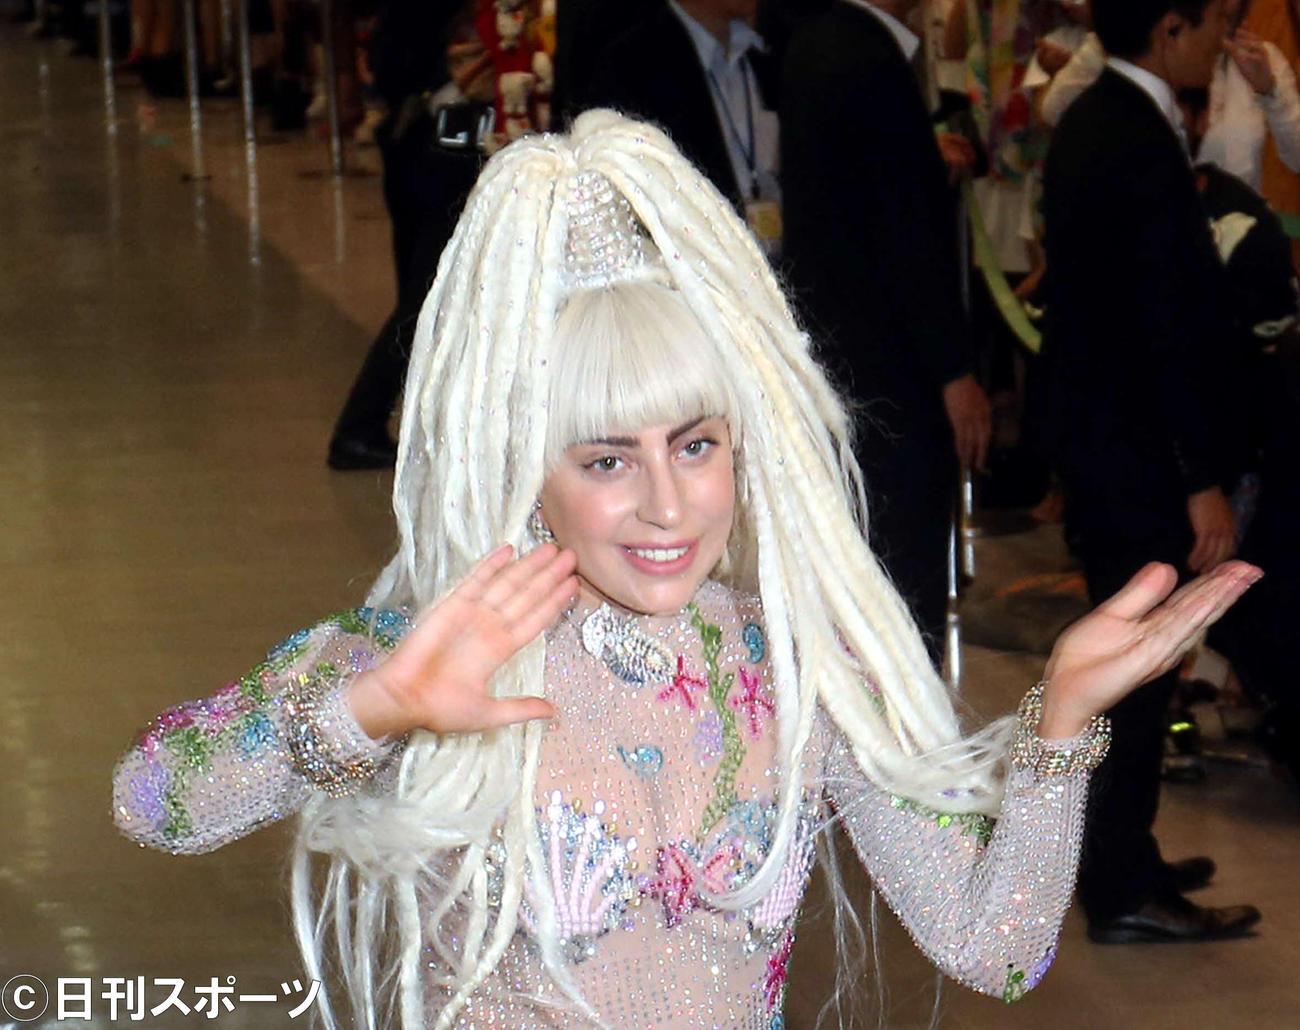 レディー・ガガ(2014年8月12日撮影)